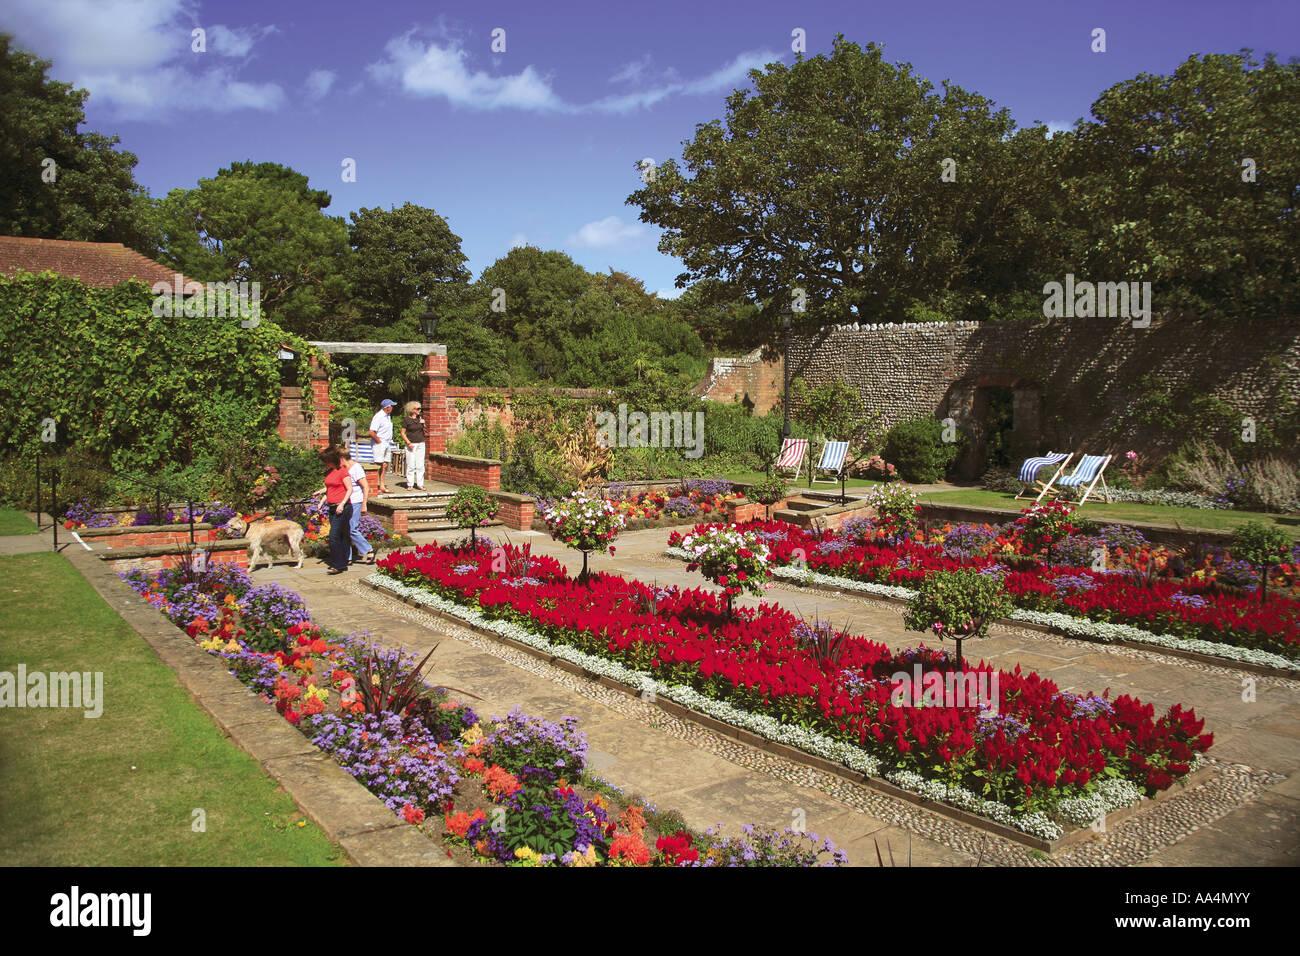 Fuchsia Plant Uk Stock Photos & Fuchsia Plant Uk Stock Images - Page ...